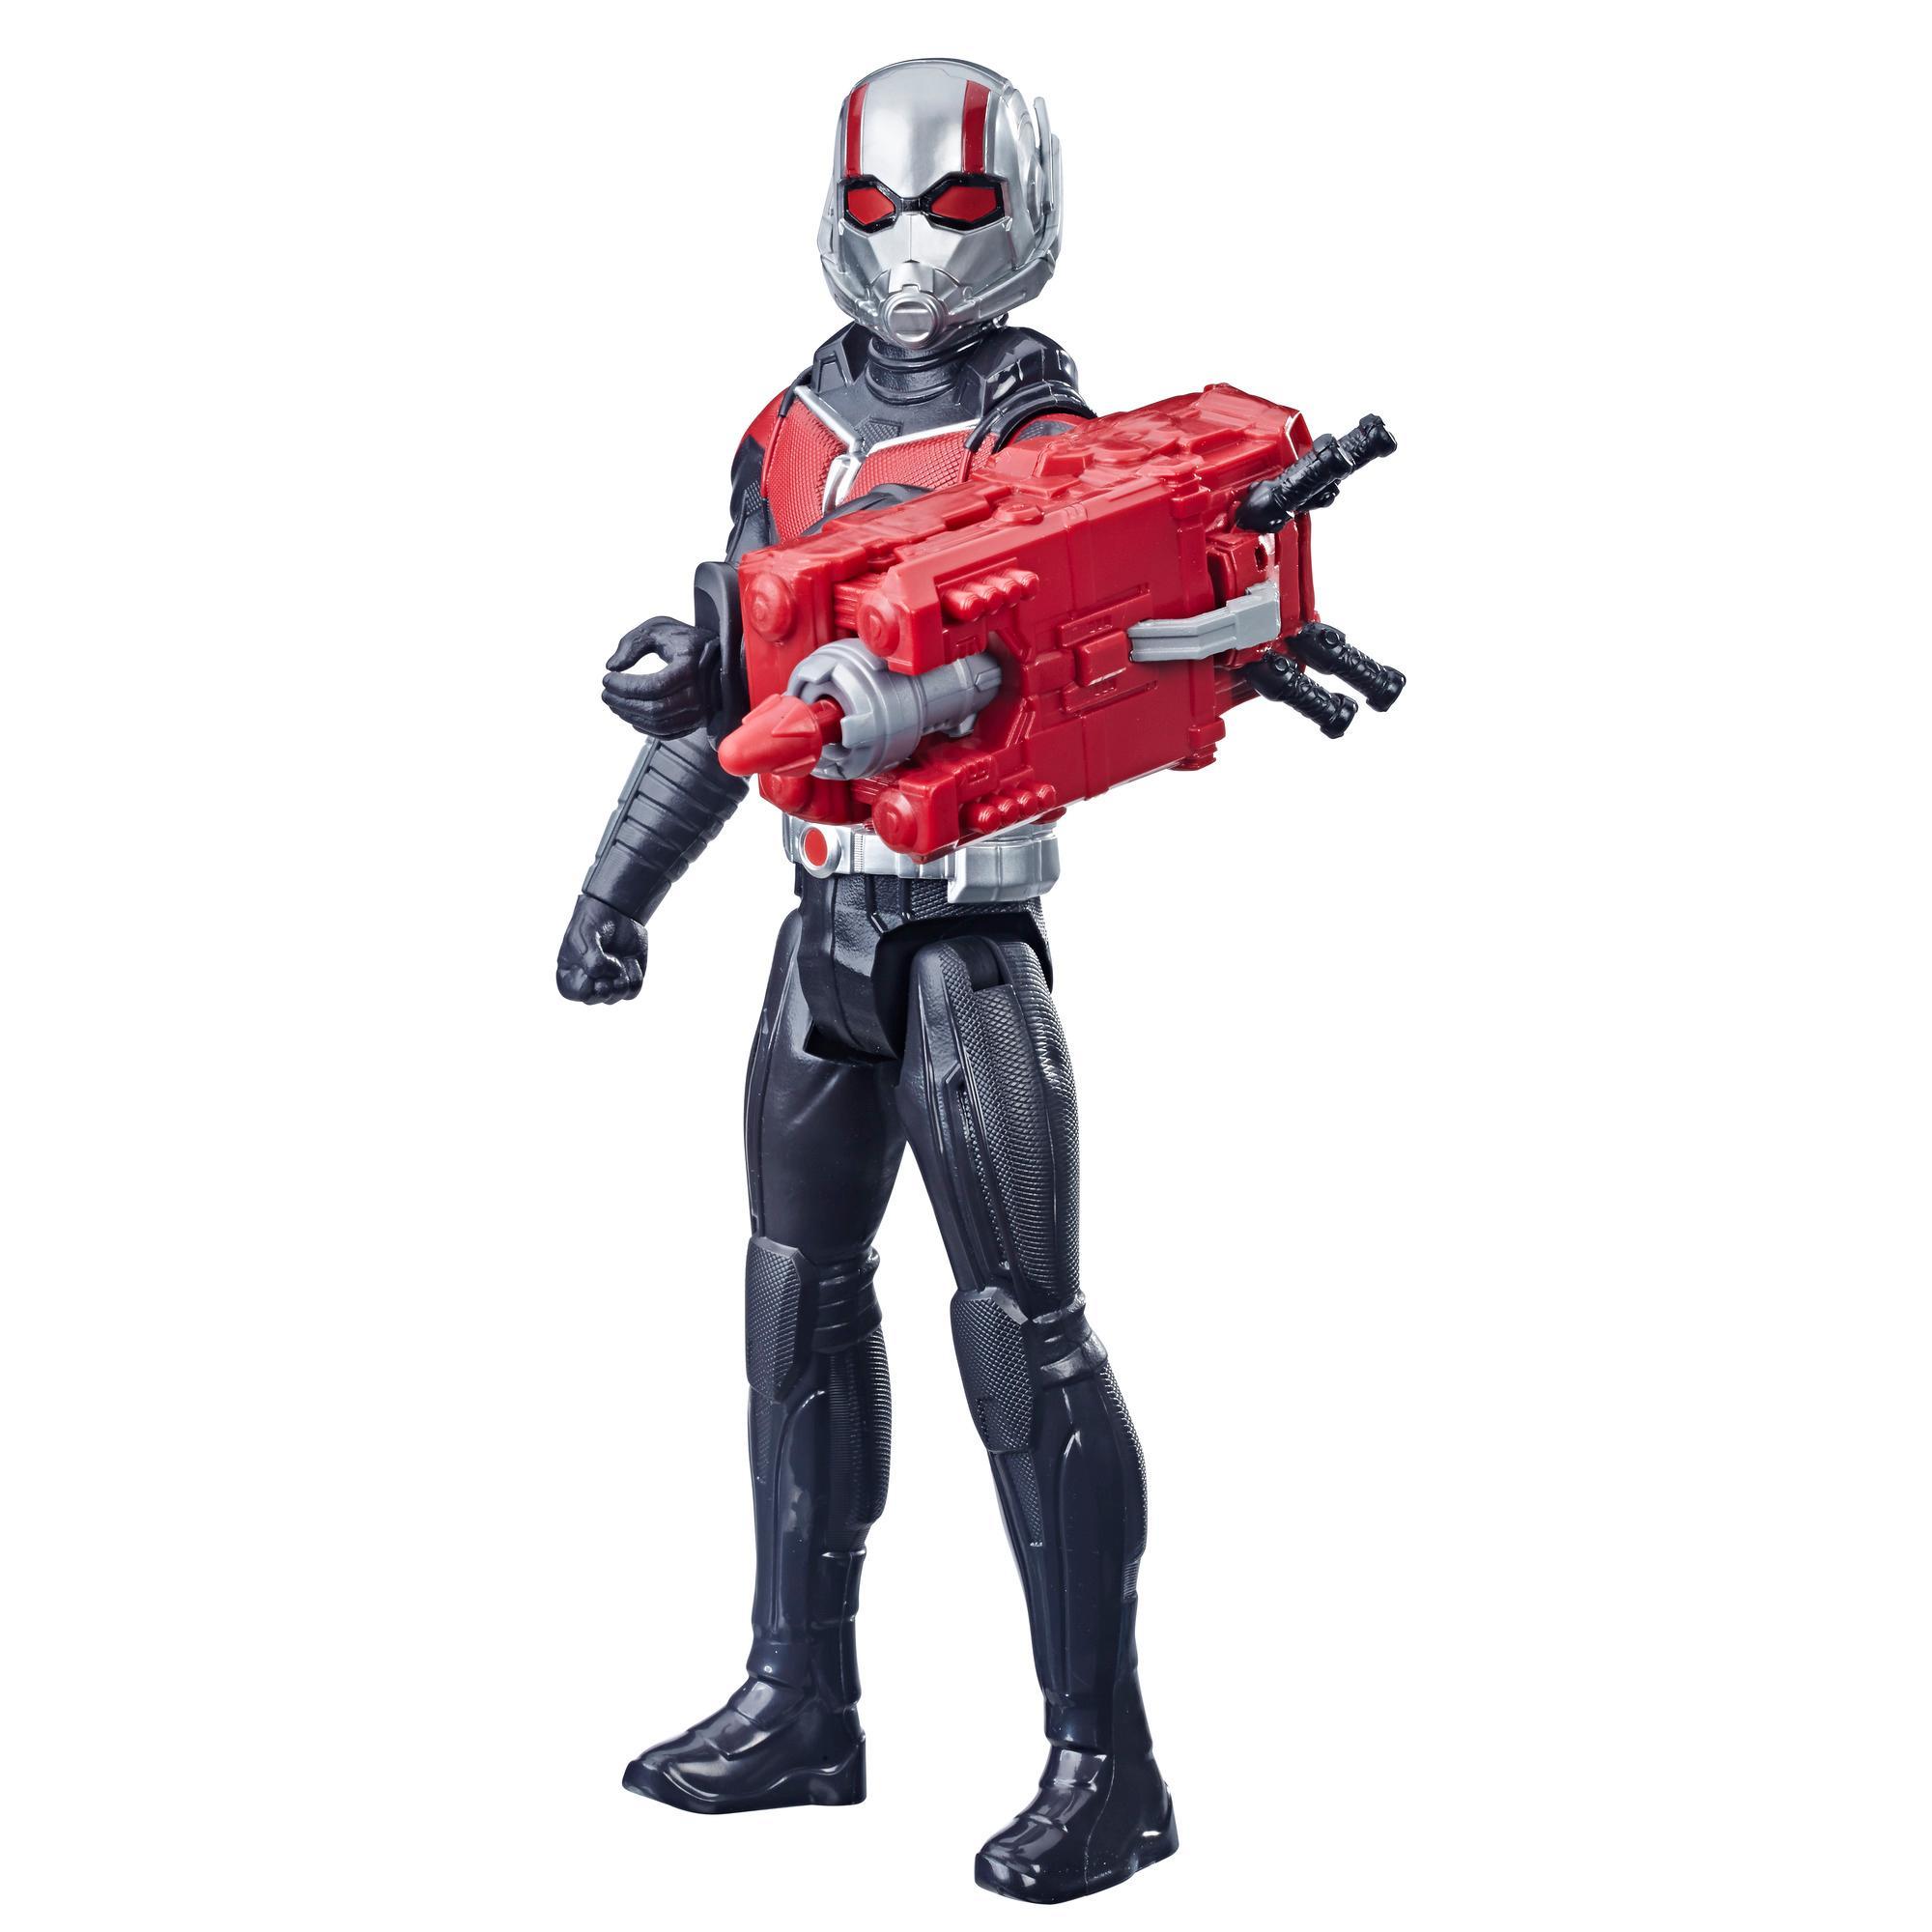 Avengers Titan Hero Power FX 2.0 ANT MAN